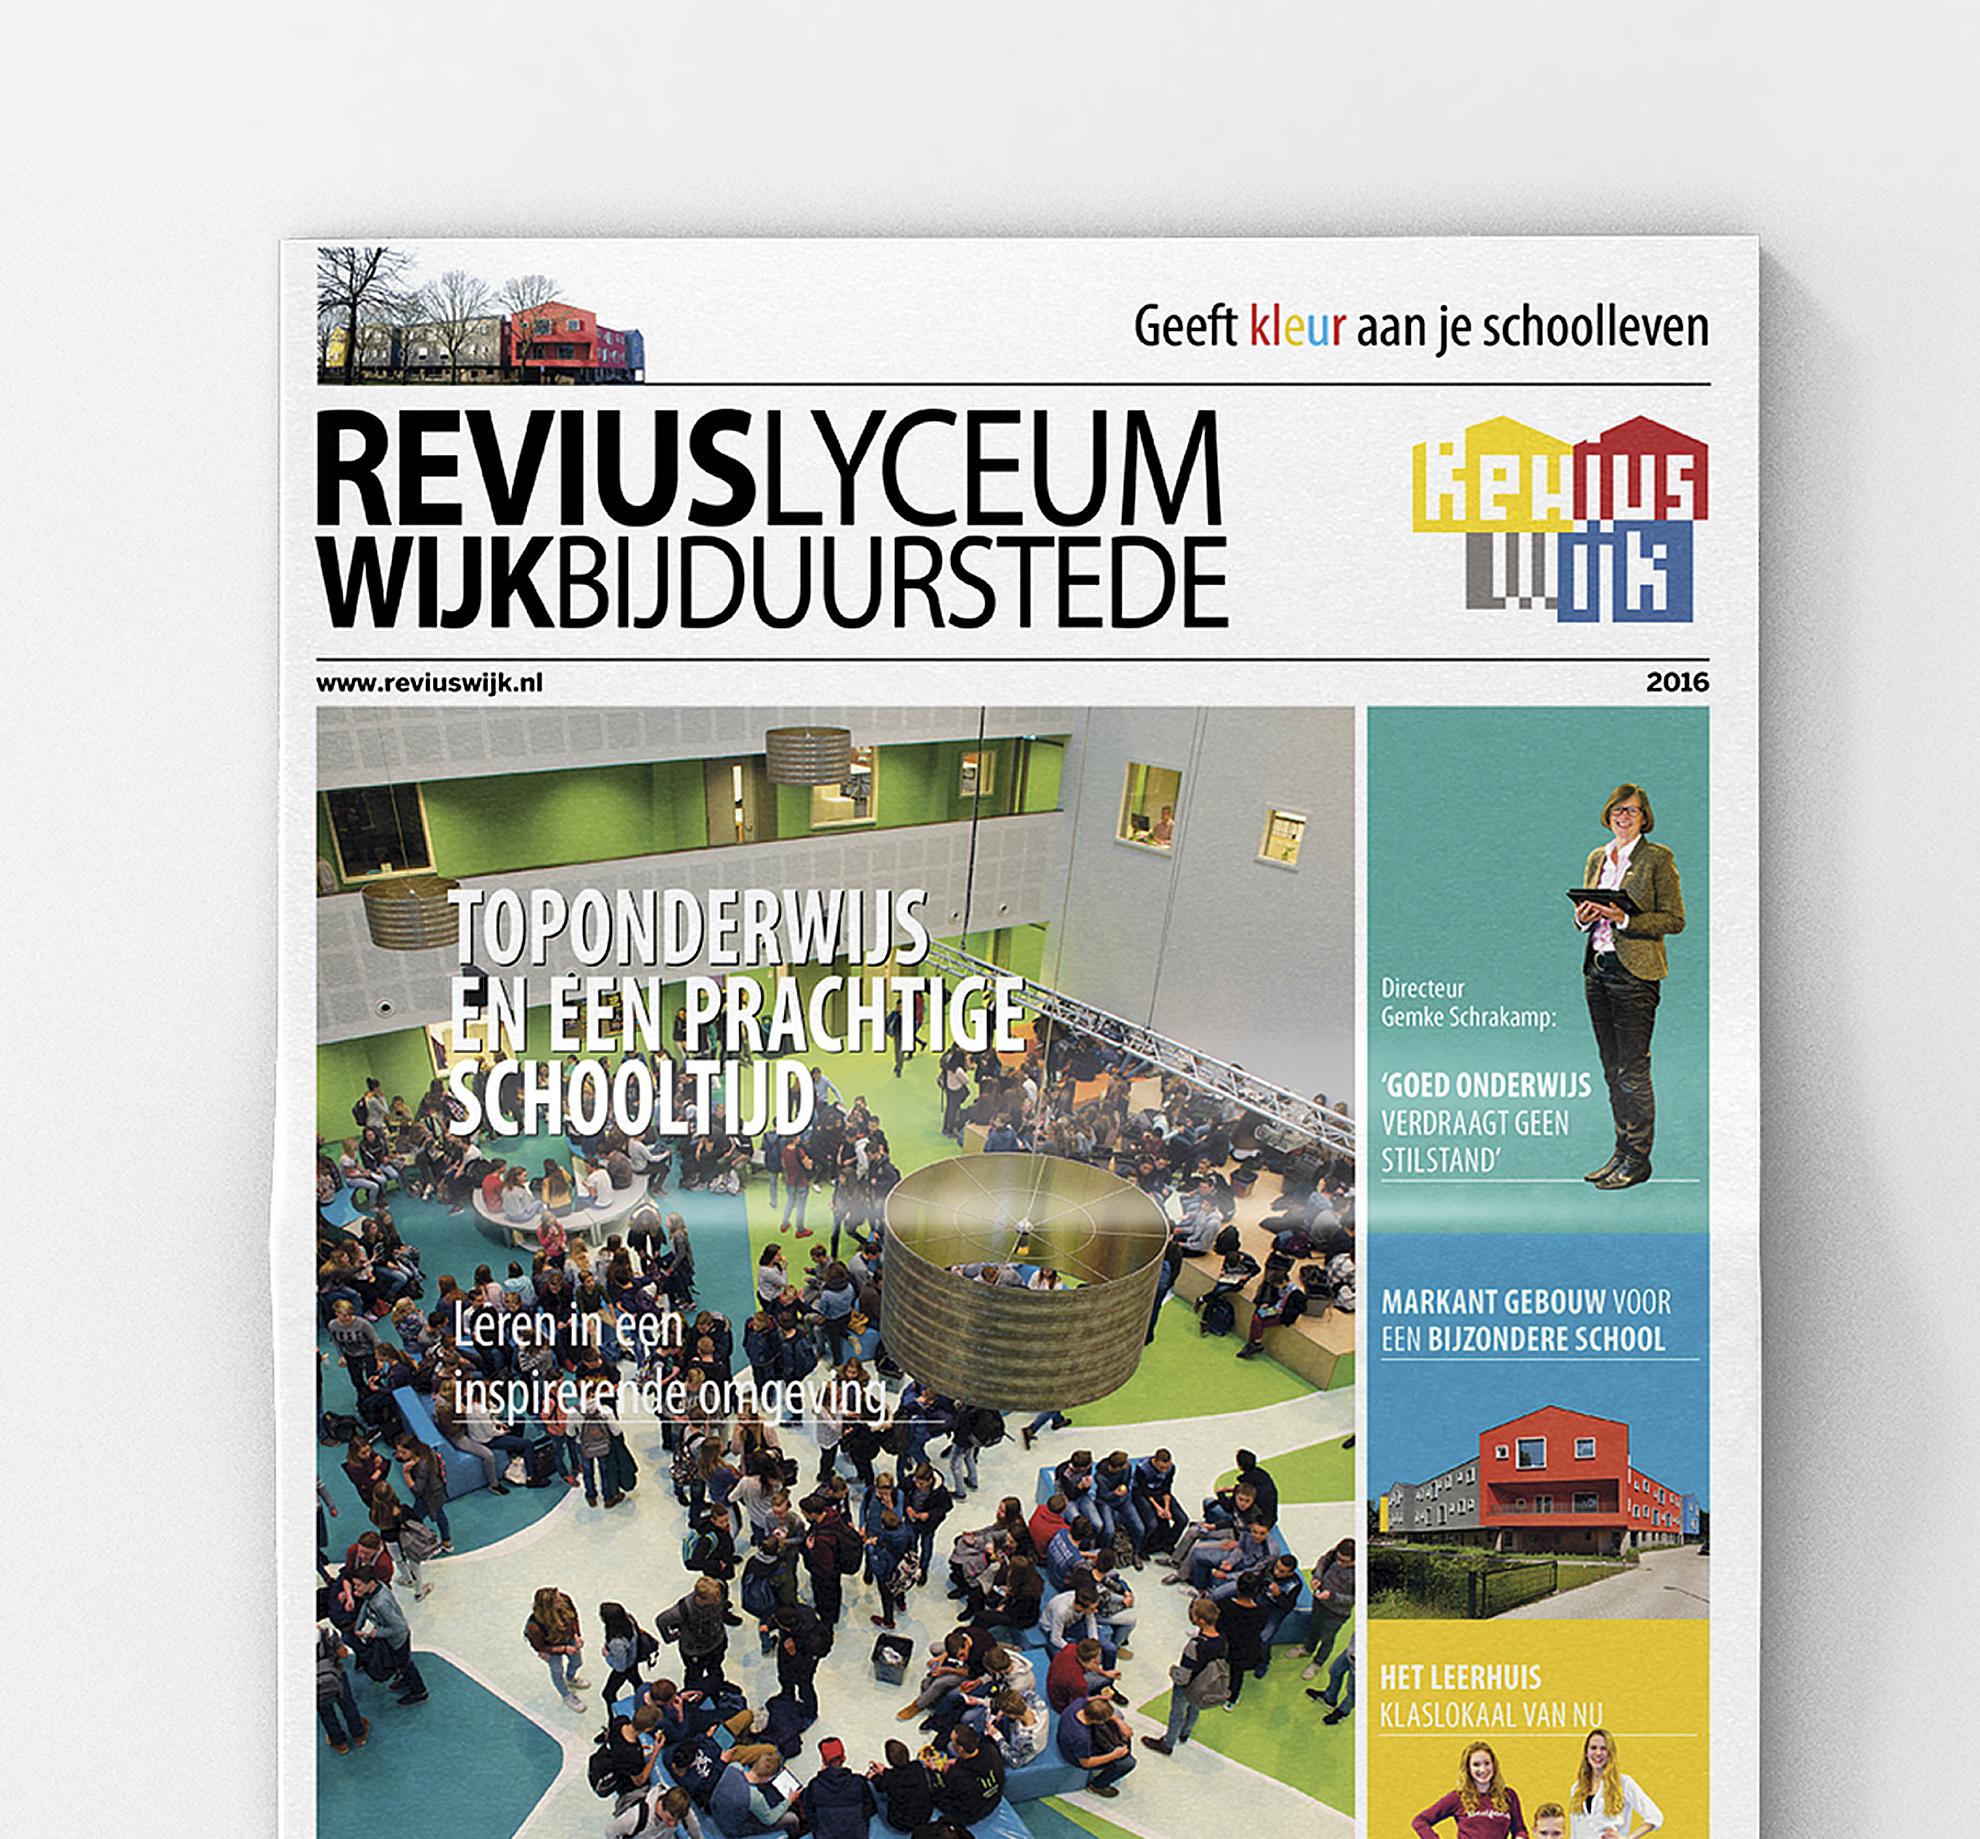 Revius Lyceum project